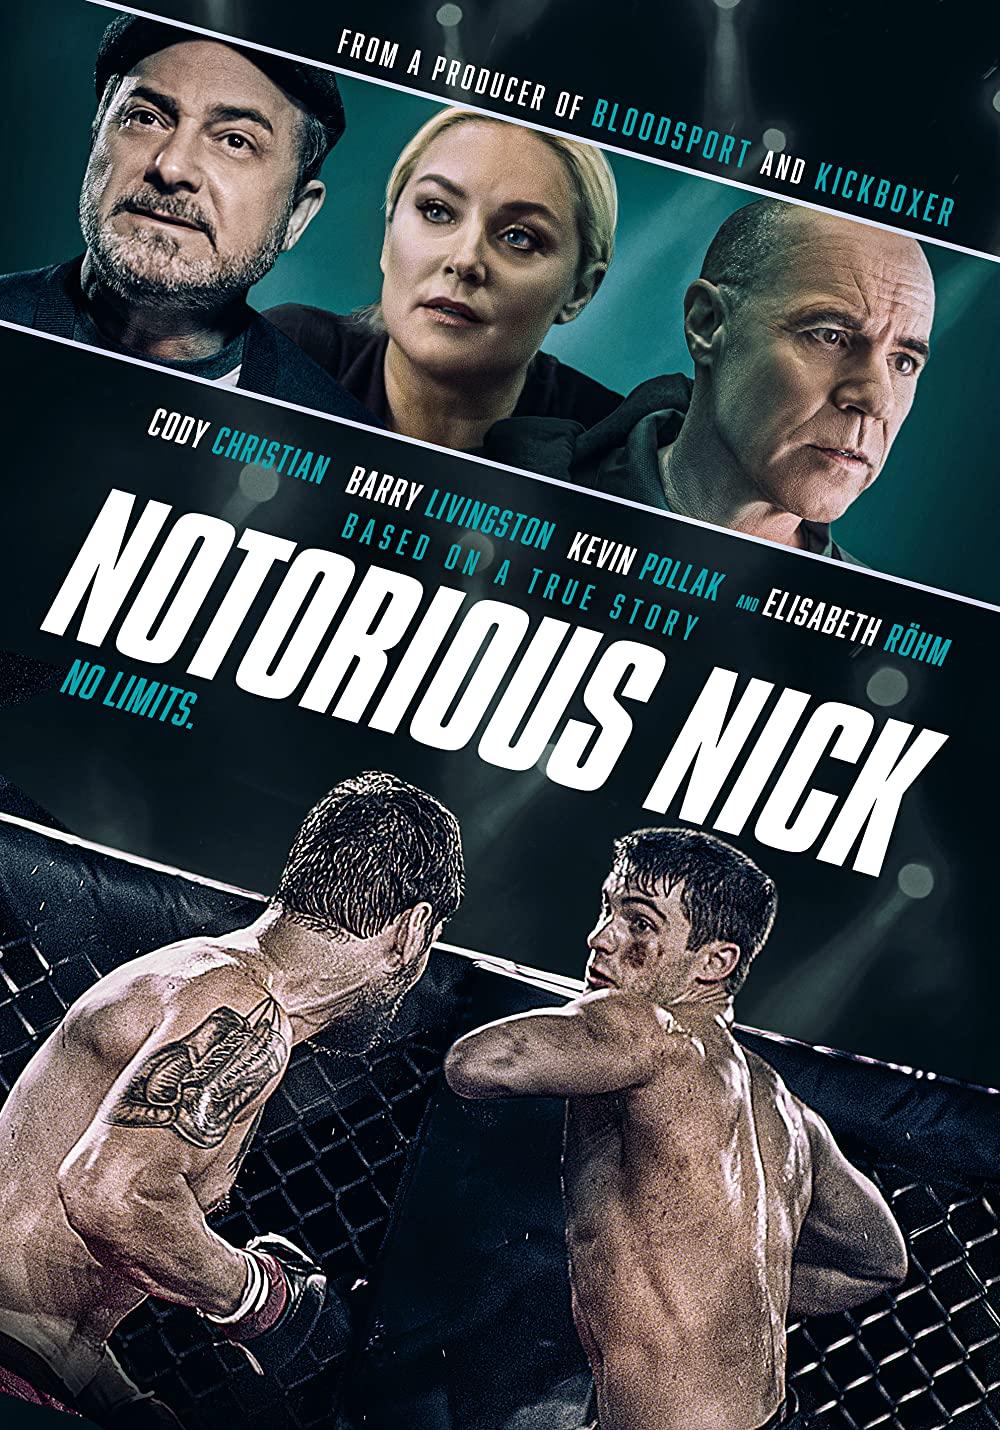 دانلود فیلم درام Notorious Nick 2021